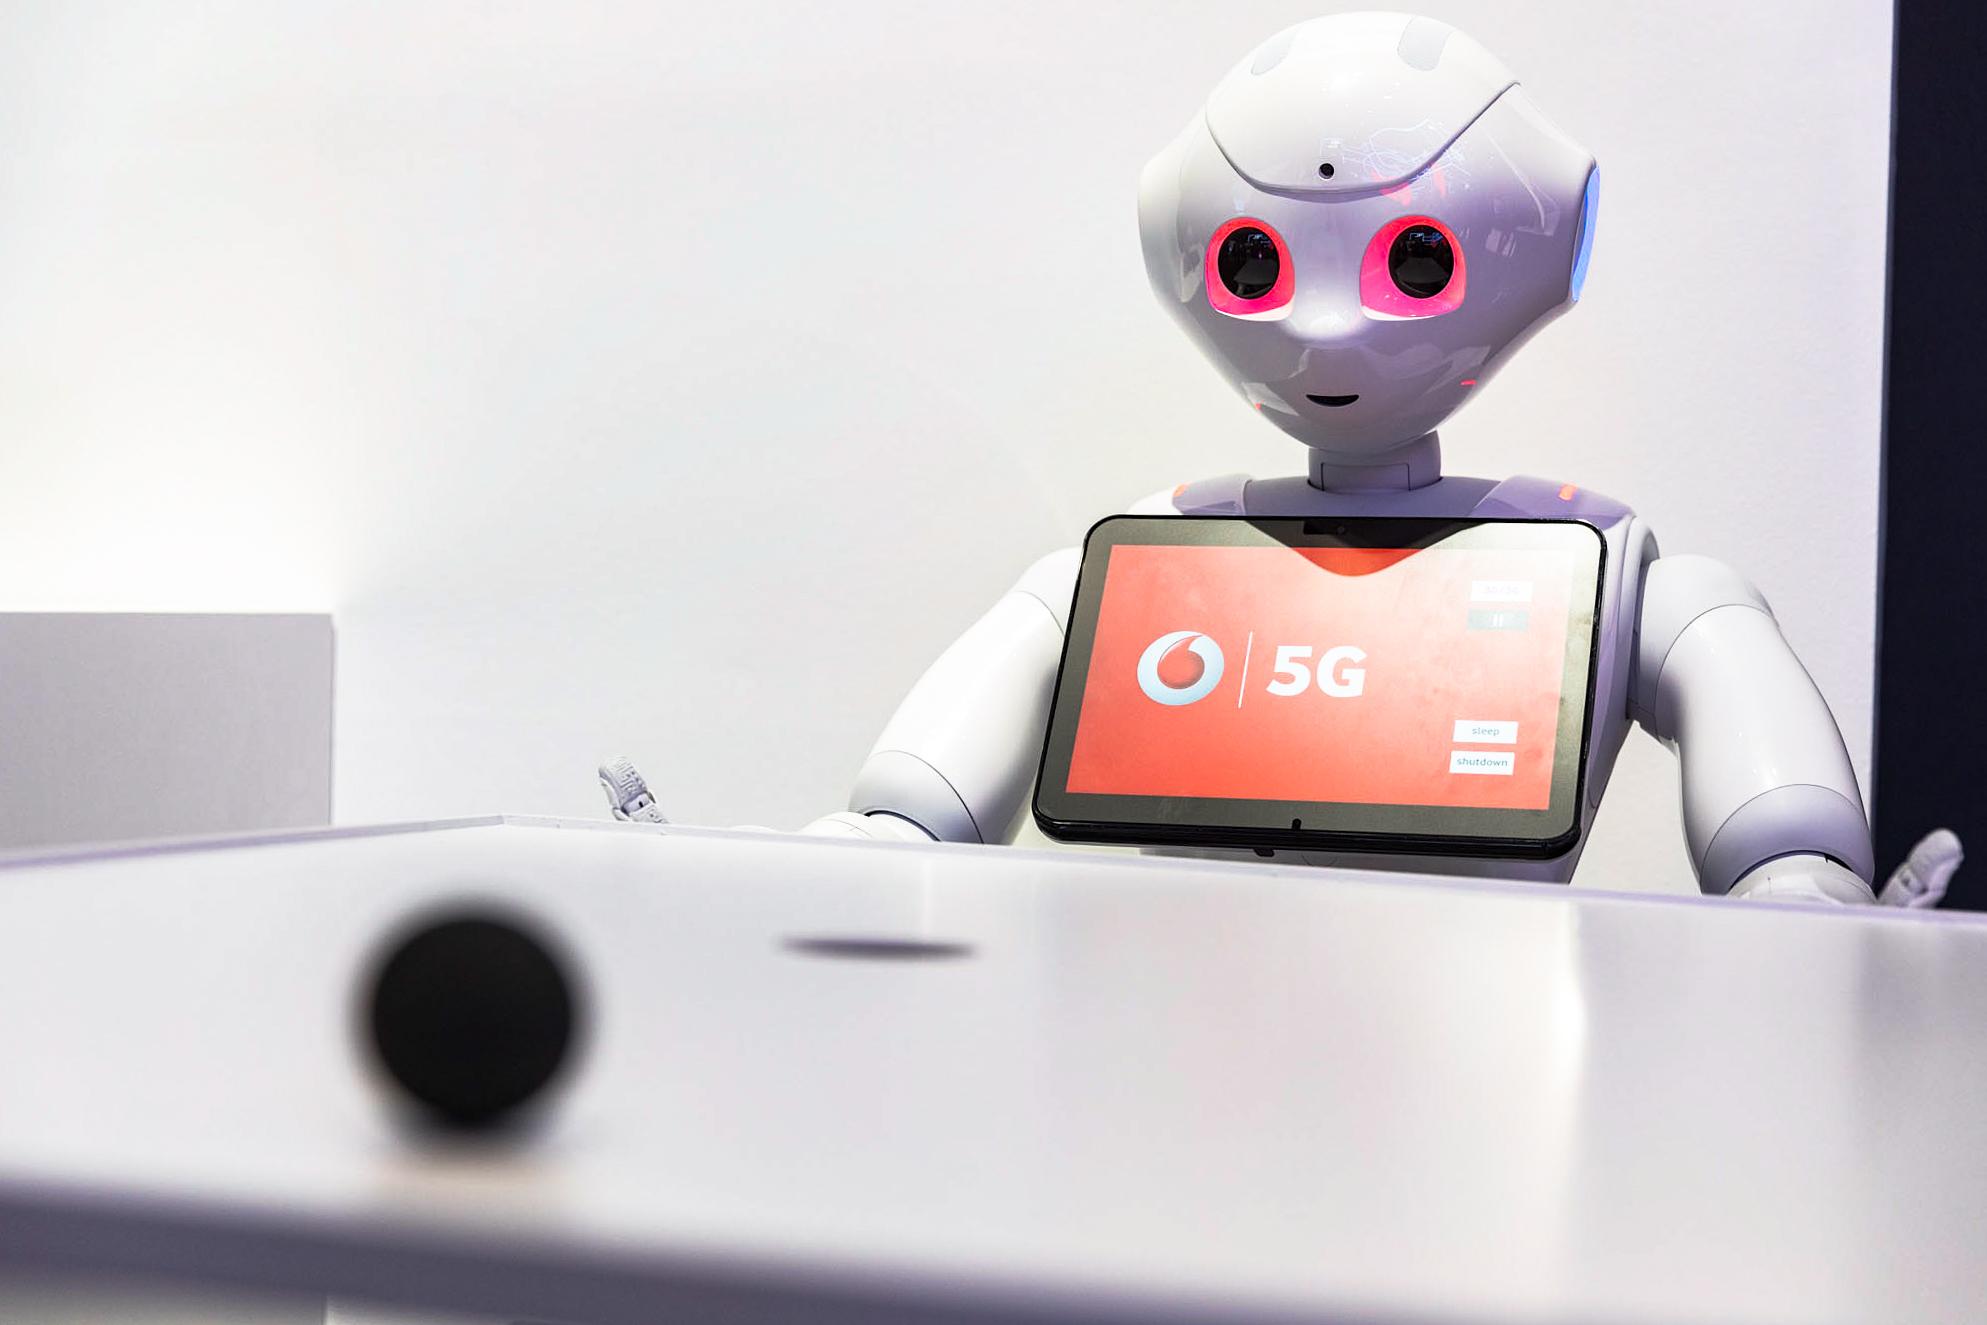 Pepper wird mit der 5G-Übertragungstechnologie zum Echtzeit-Auskunftsroboter